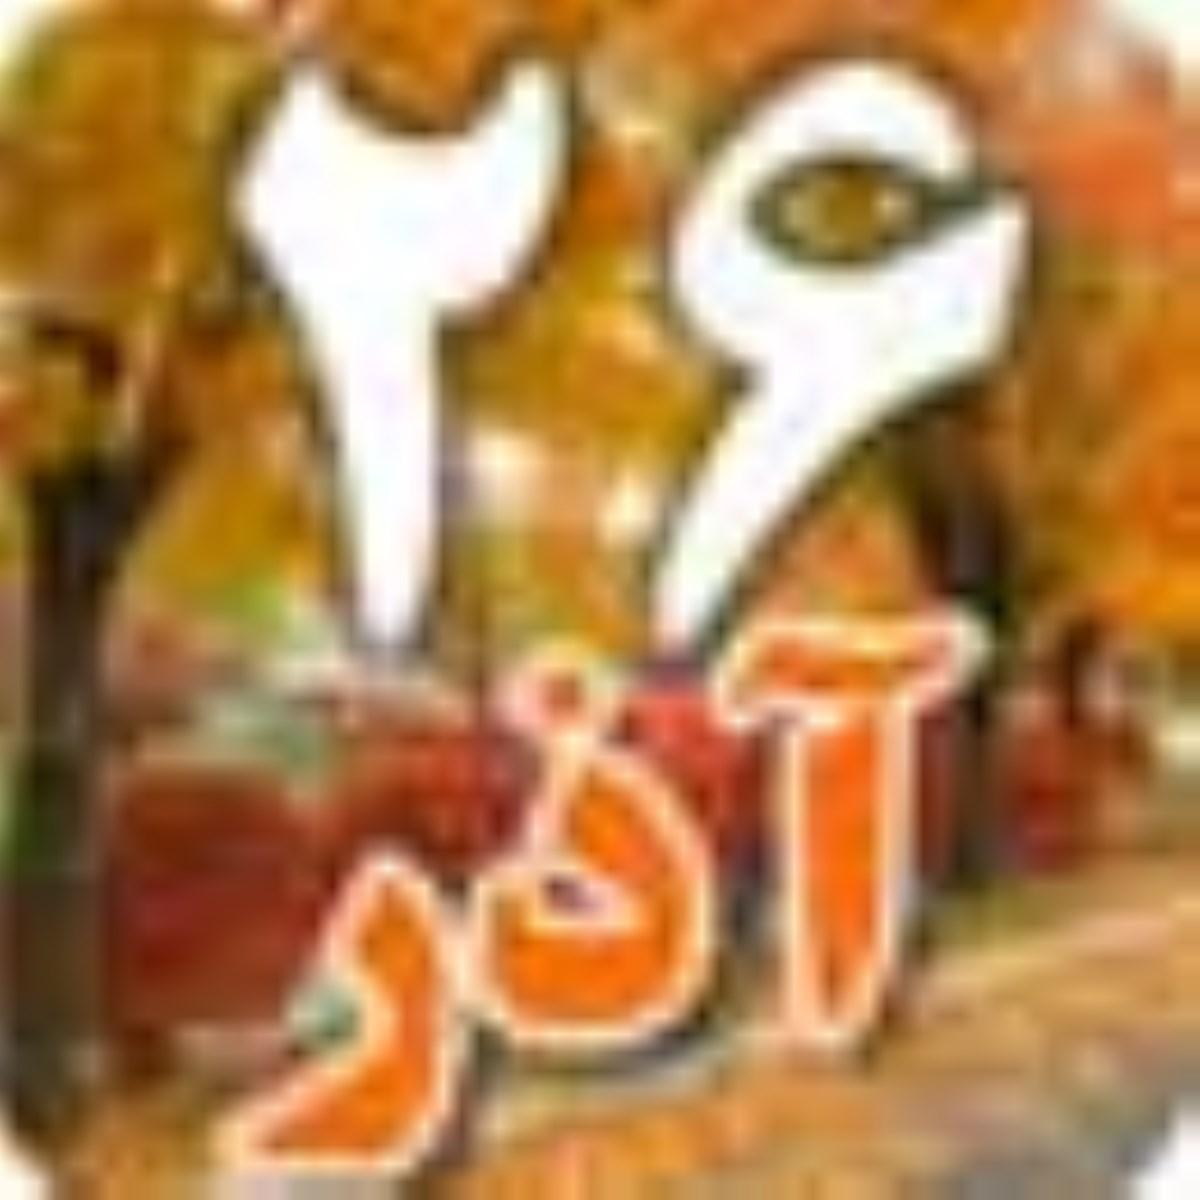 26 آذر 1387 / 17 ذی الحجه 1429 / 16 دسامبر 2008